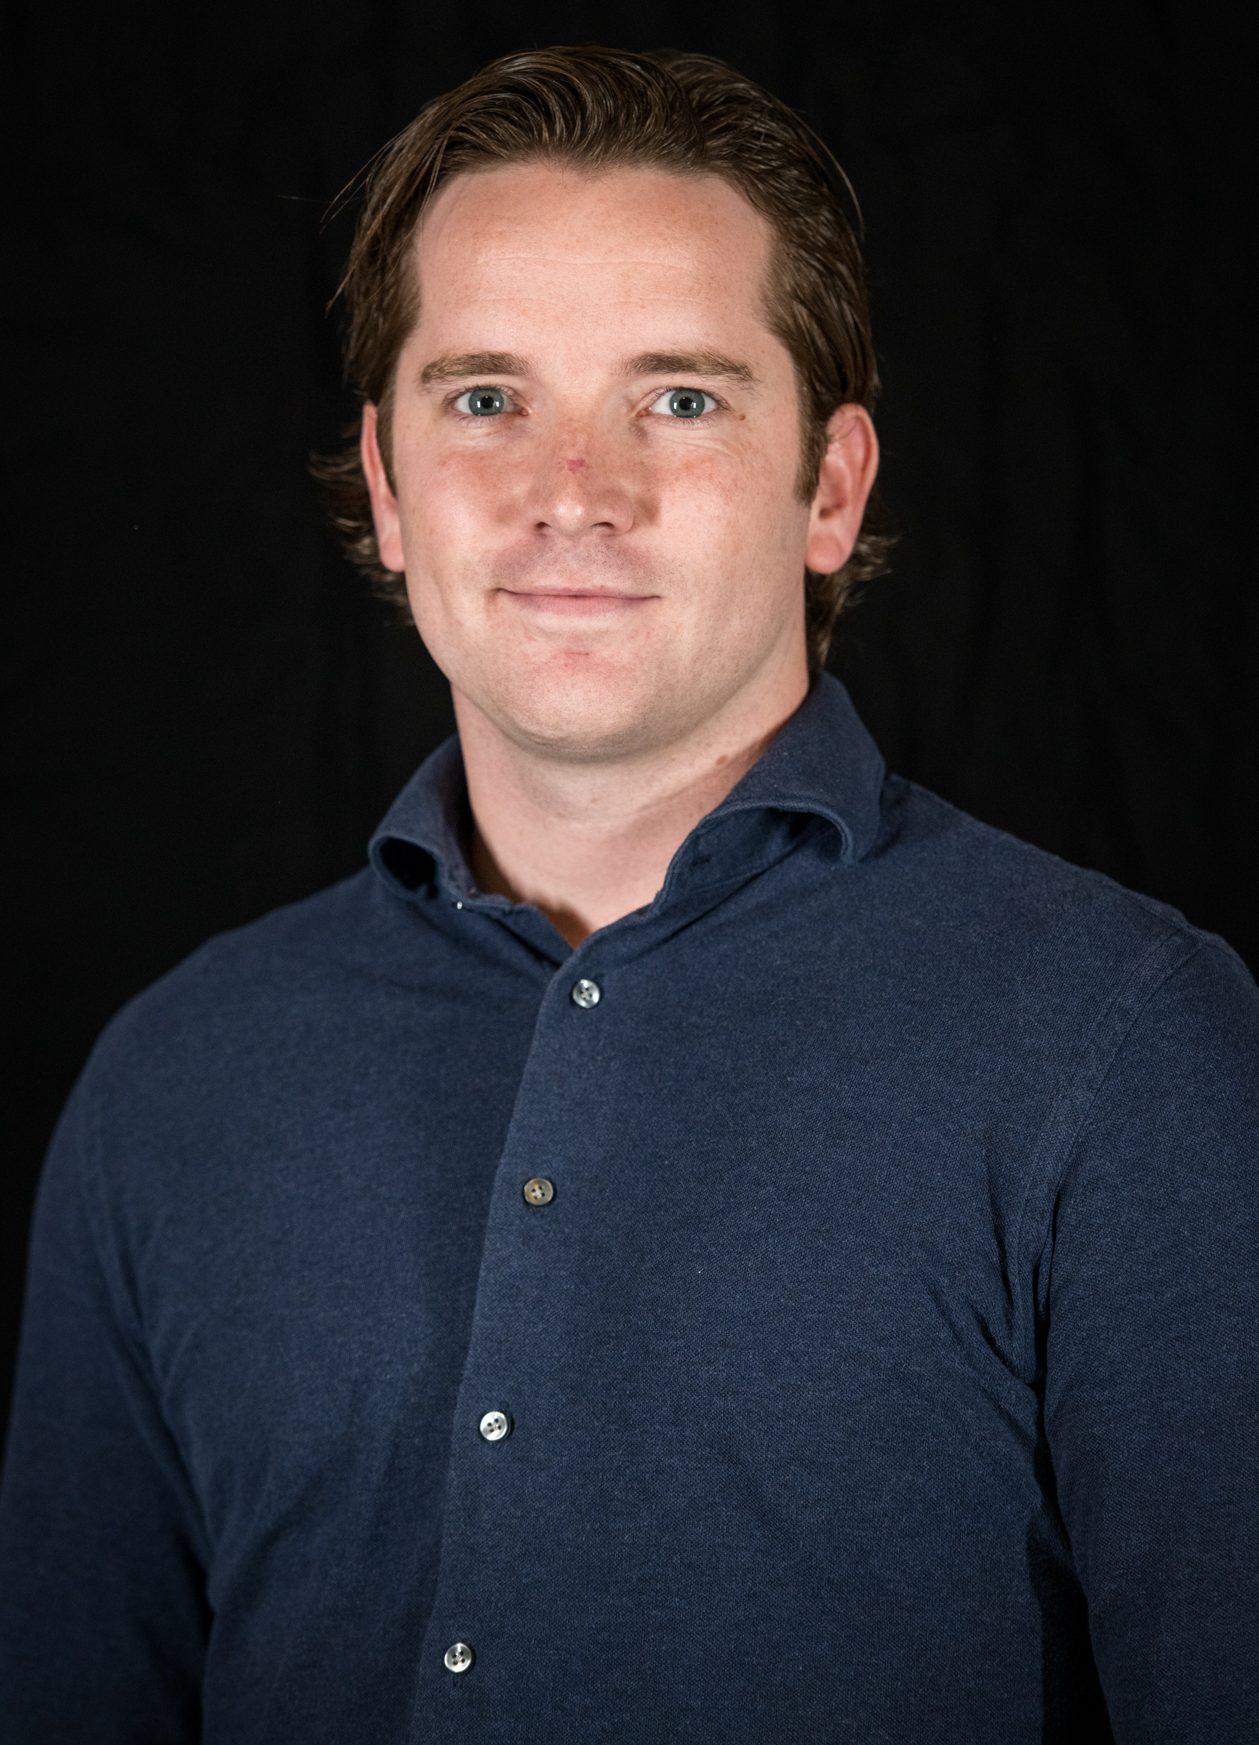 Kjell Jacobs